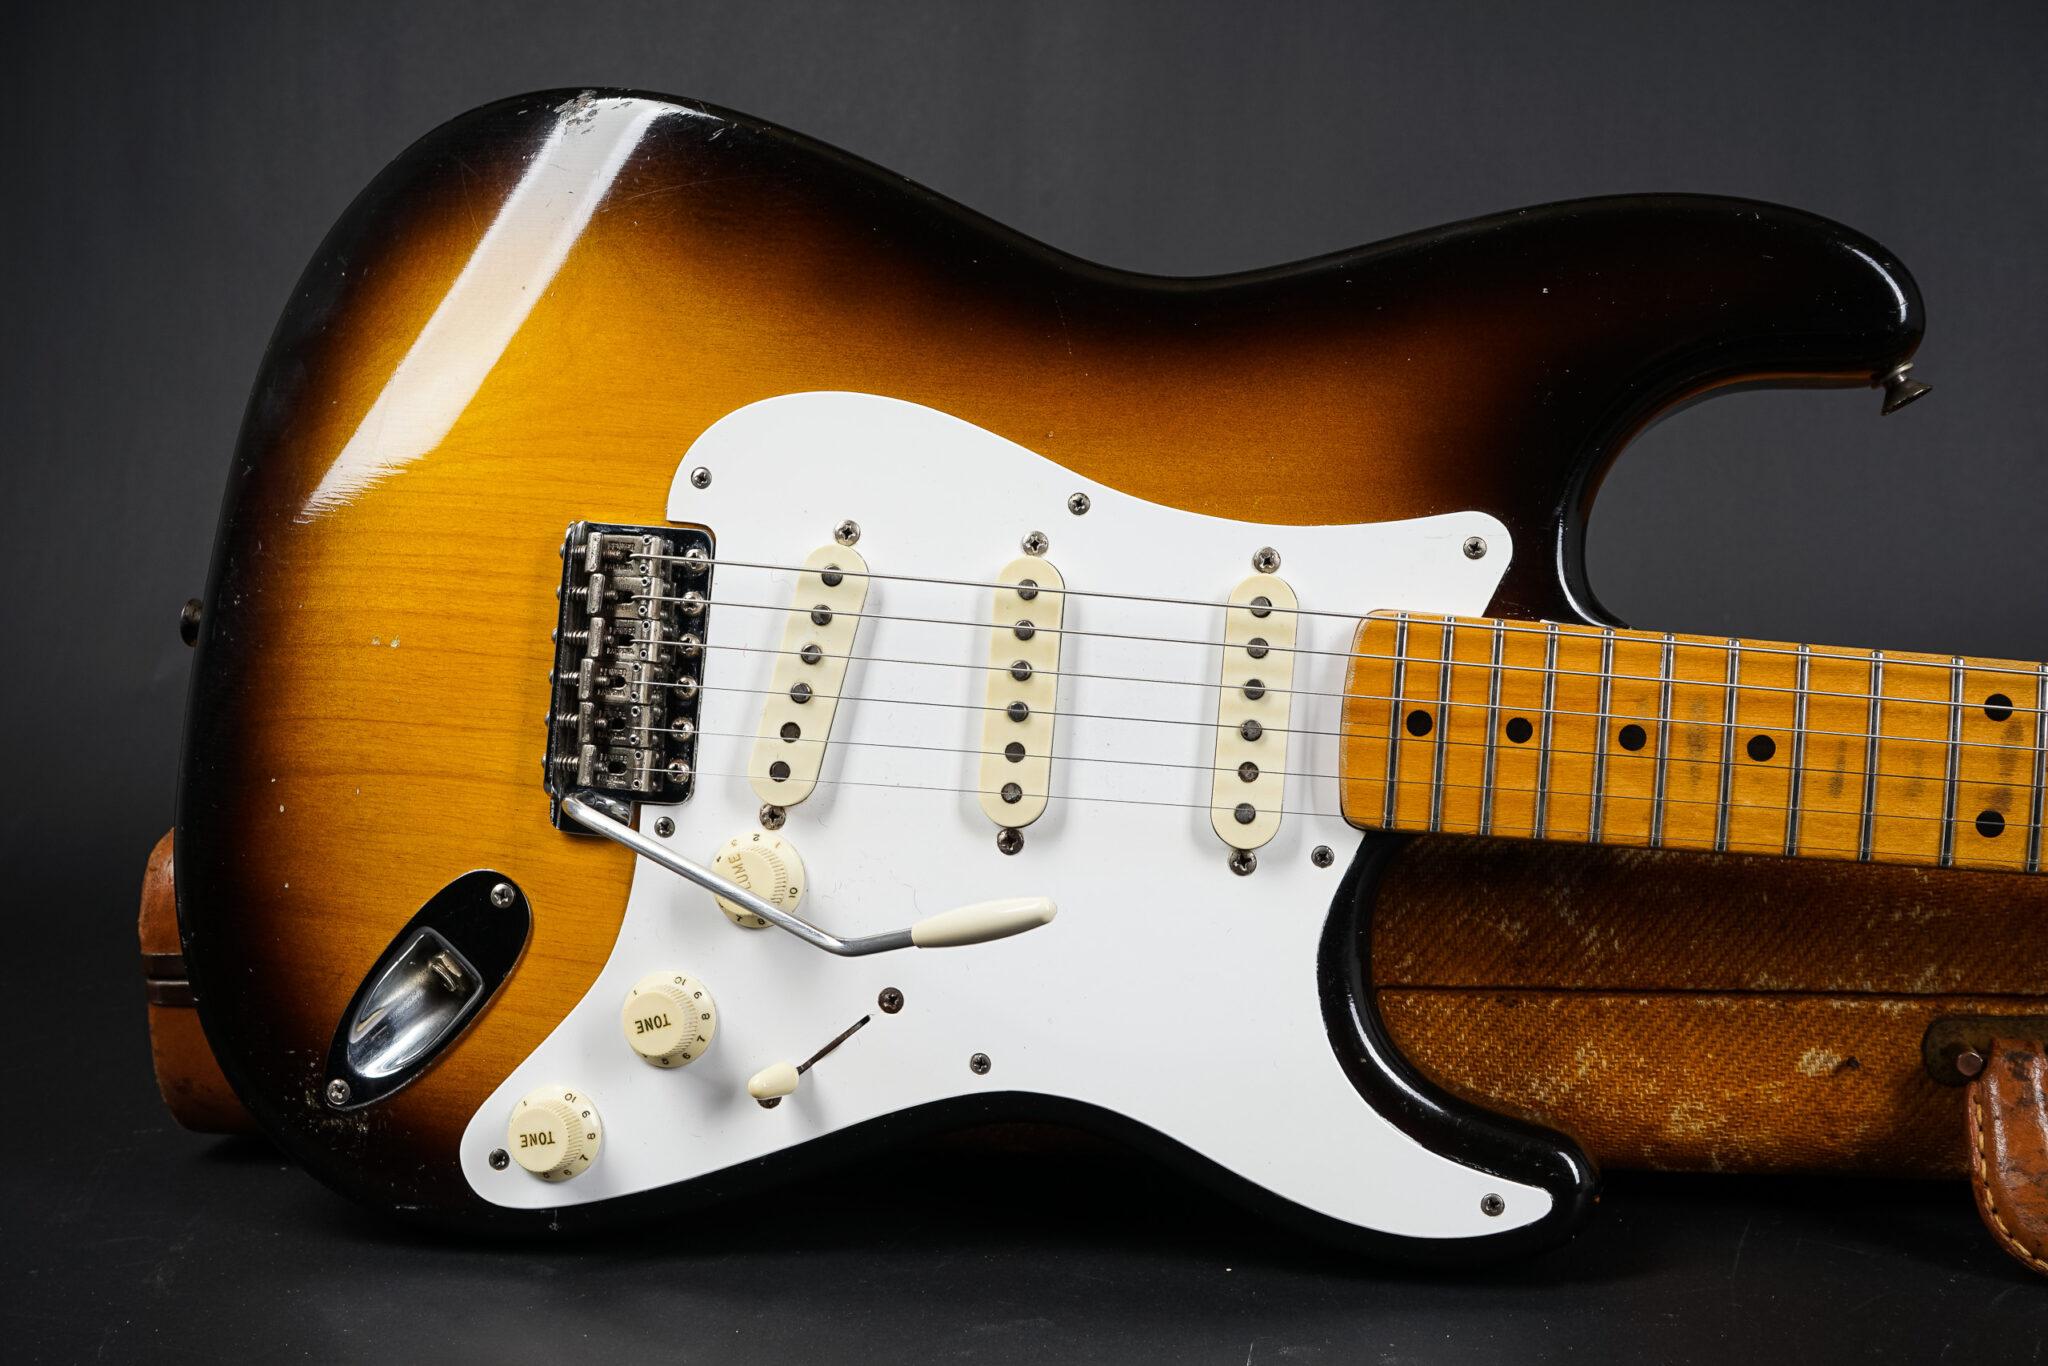 https://guitarpoint.de/app/uploads/products/1957-fender-stratocaster-sunburst-3/1957-Fender-Stratocaster-22677-9-2048x1366.jpg